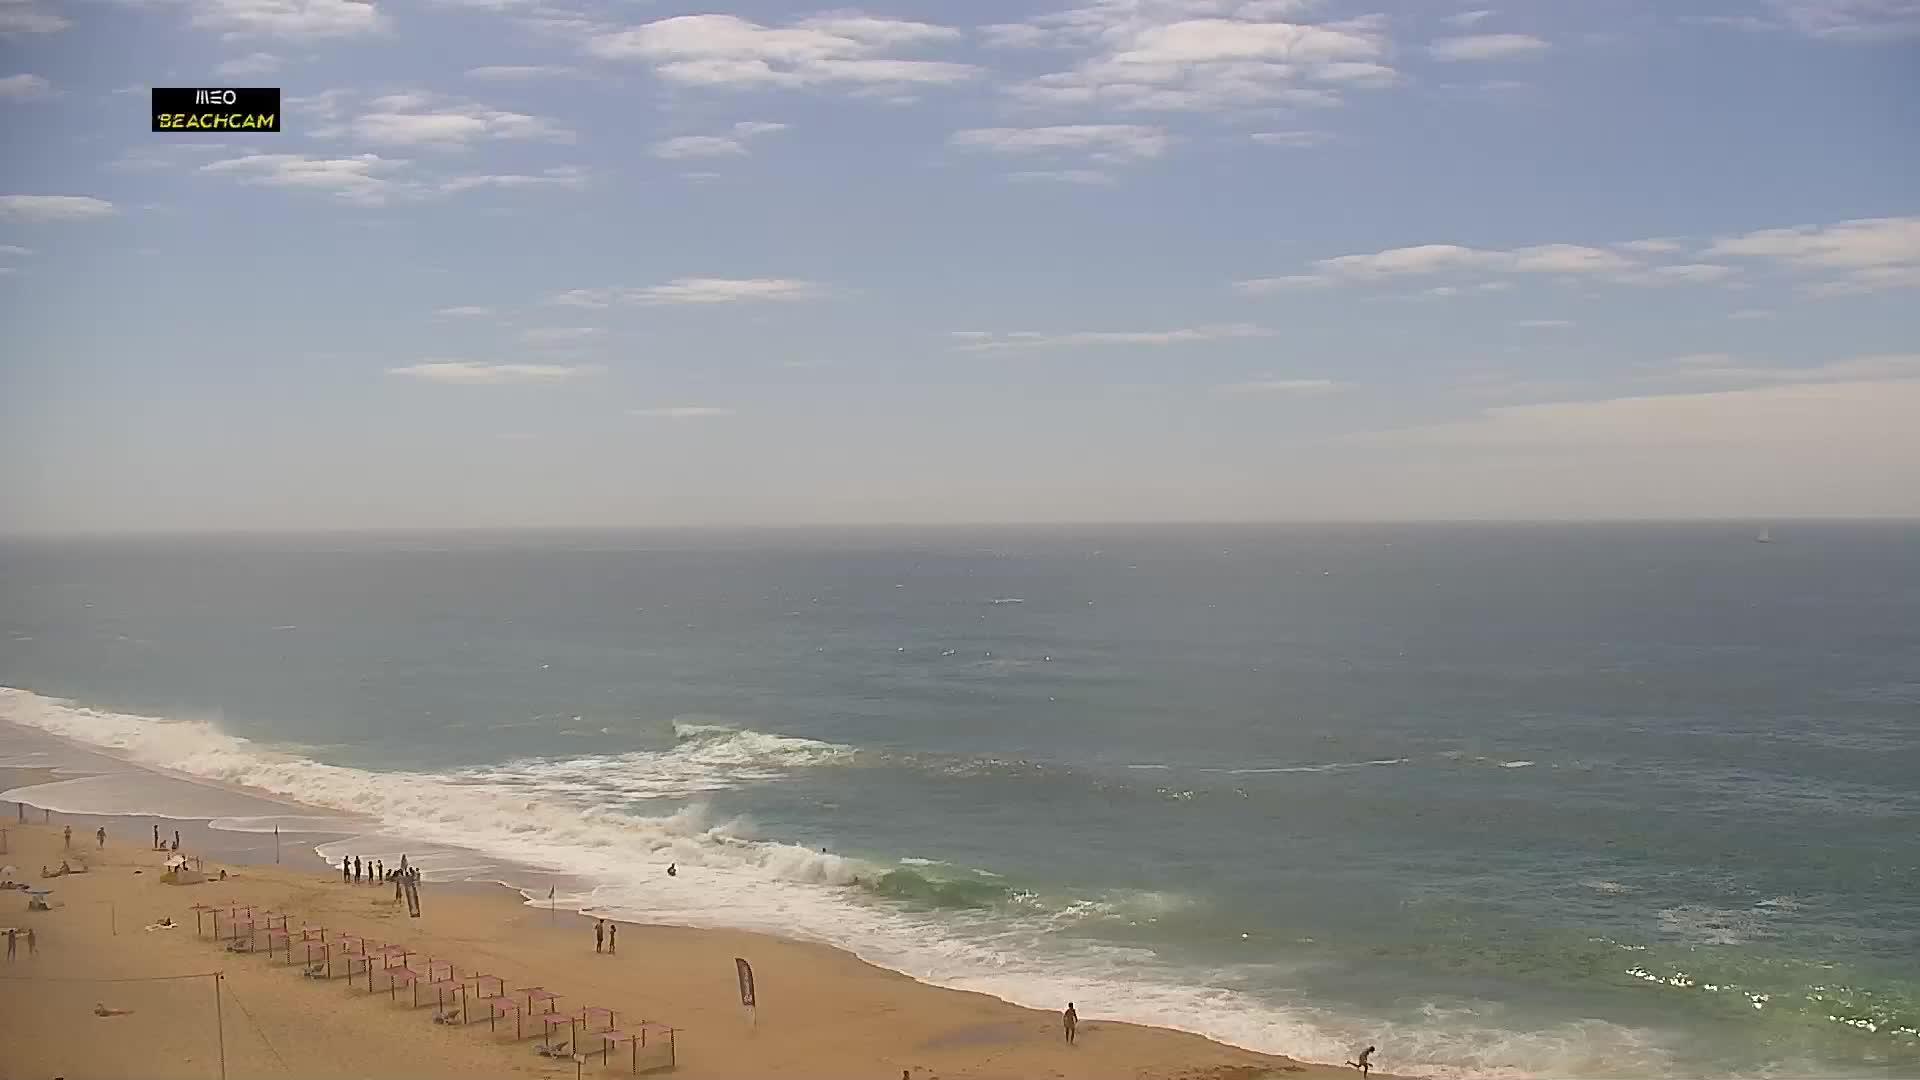 Praia Grande Di. 15:53